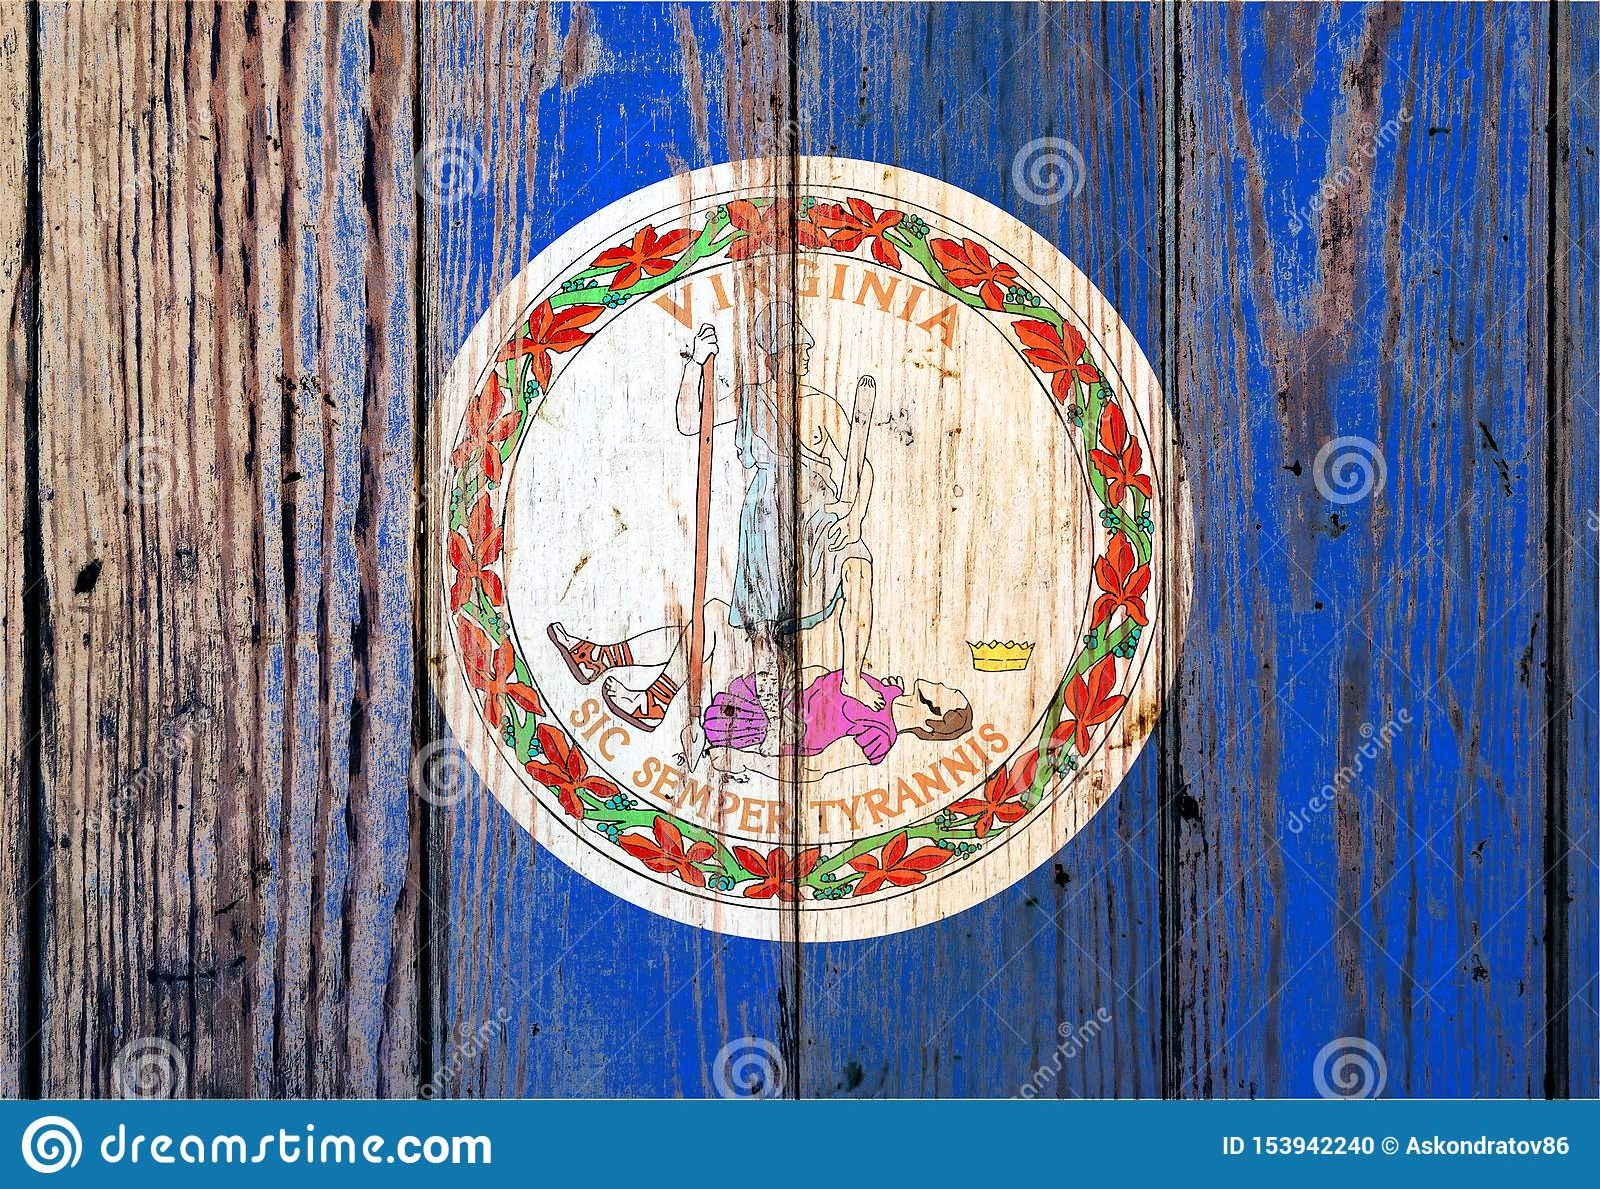 Η Βιρτζίνια ΗΠΑ δηλώνει τη εθνική σημαία σε ένα γκρίζο ξύλινο υπόβαθρο πινάκων την ημέρα της ανεξαρτησίας στα διαφορετικά χρώματα